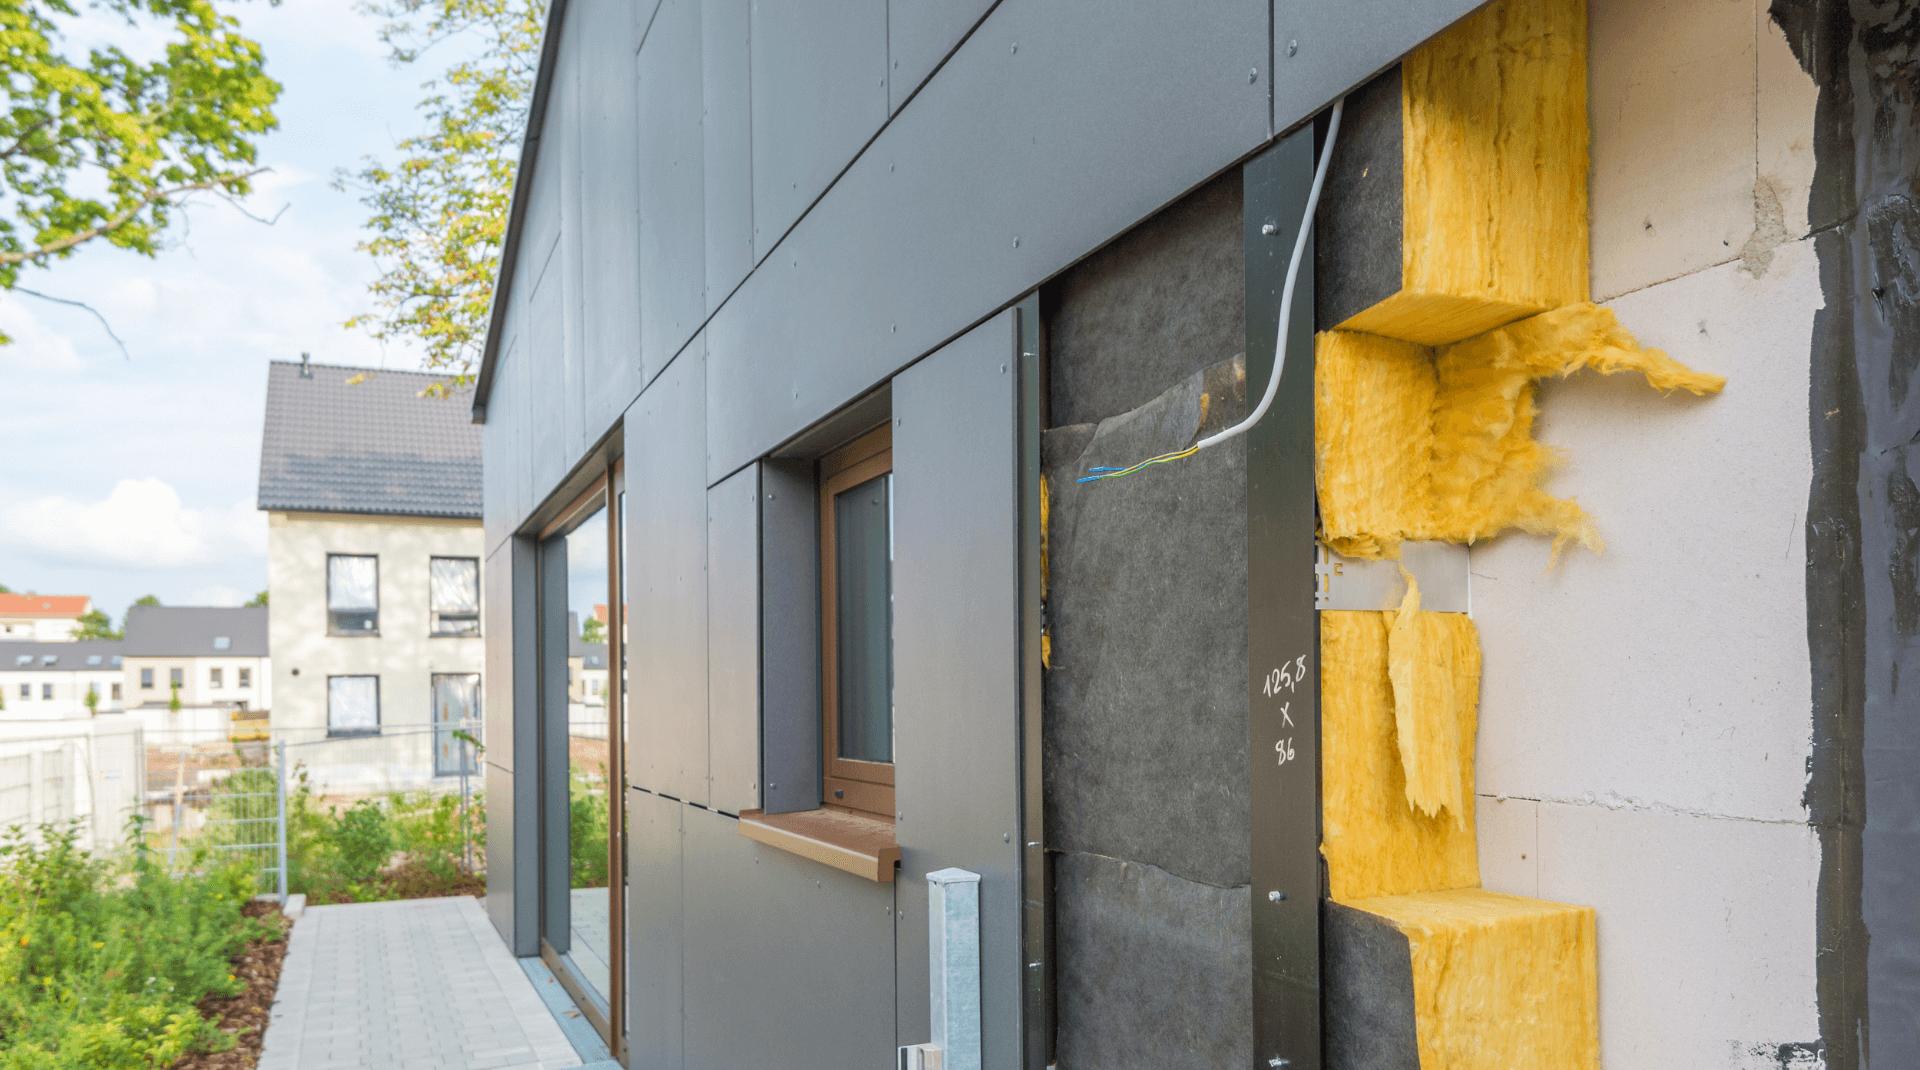 Energetische Wanddämmung von außen